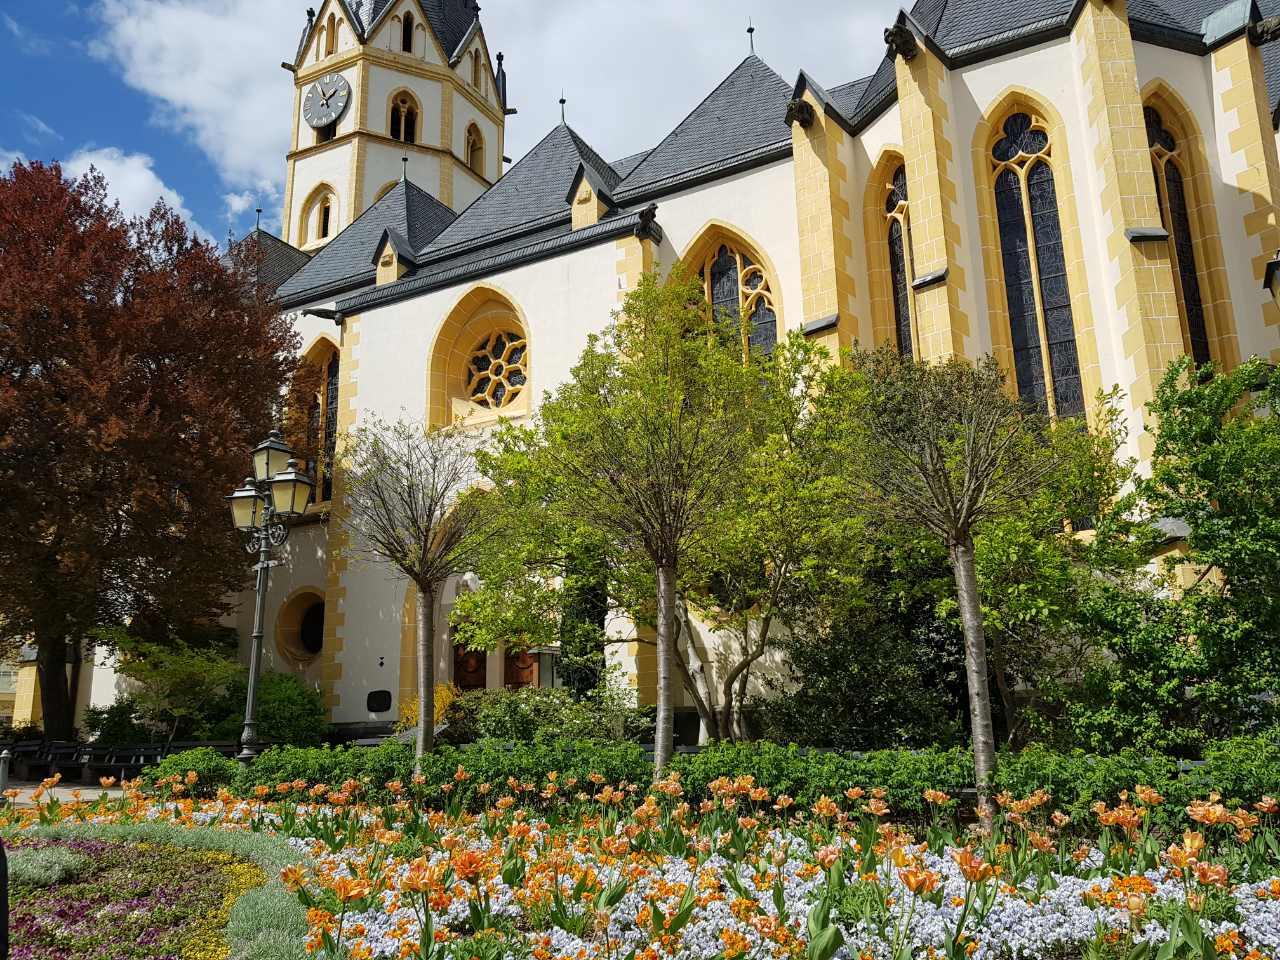 Bad Neuenar-Ahrweiller, Deutschland/Germany